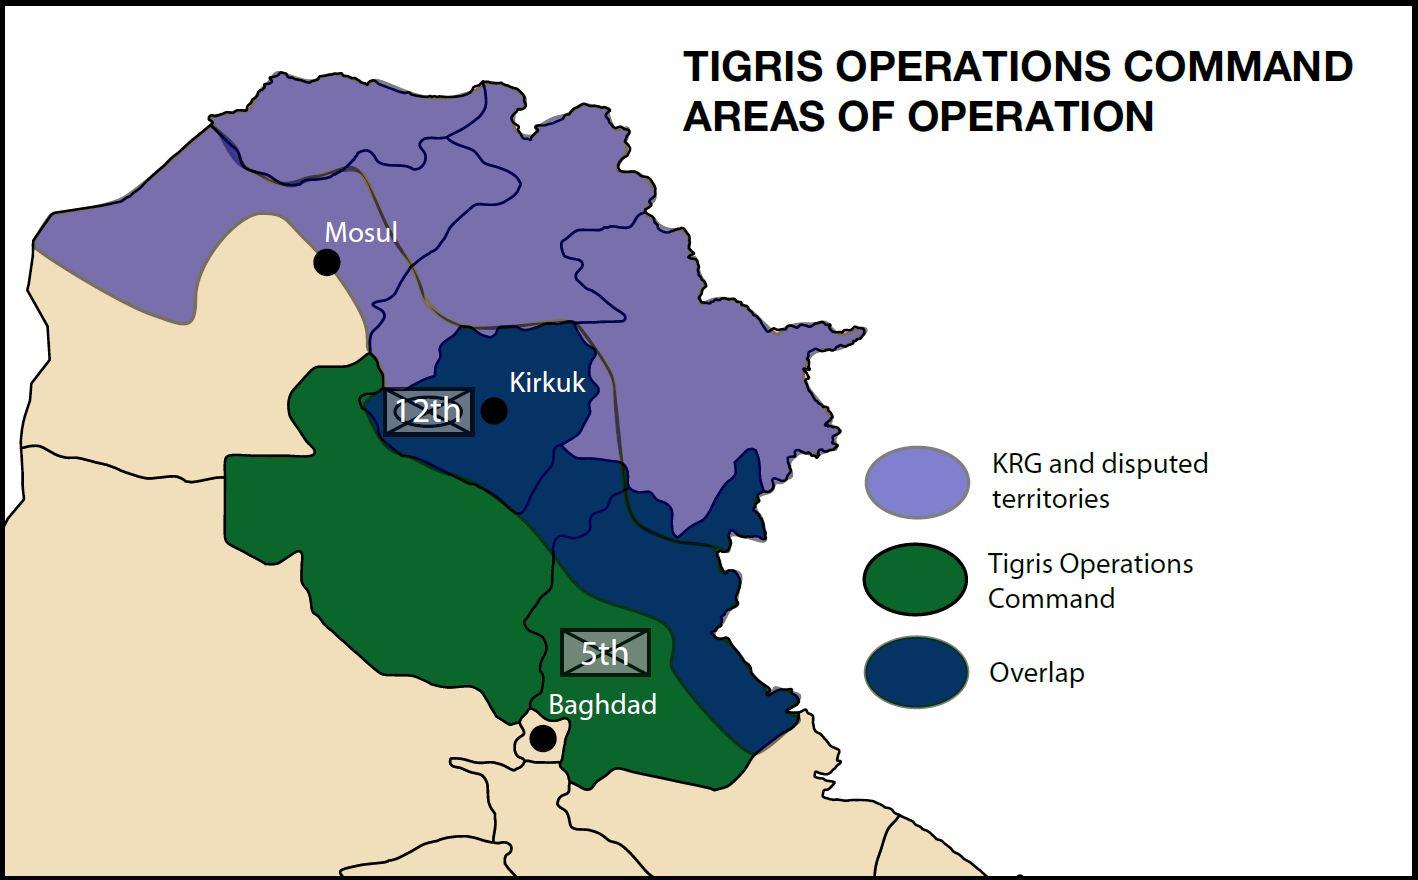 Tigris Operations